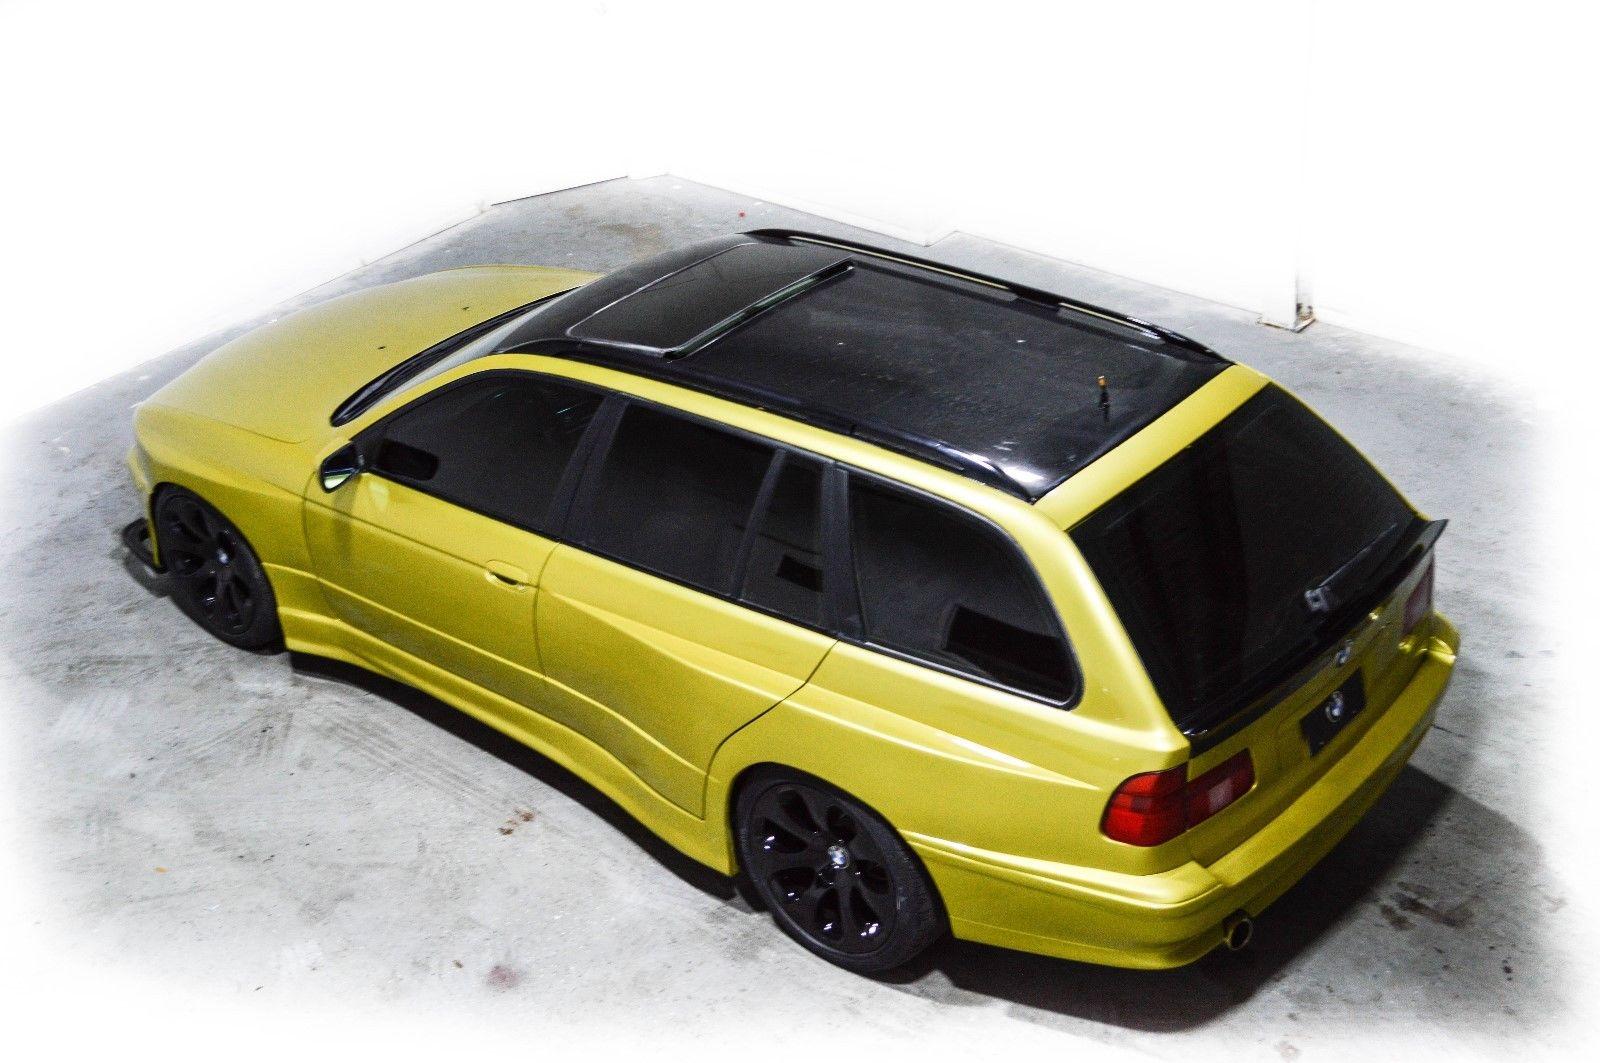 widebody wagon 2000 bmw 540i 6 speed [ 1600 x 1063 Pixel ]